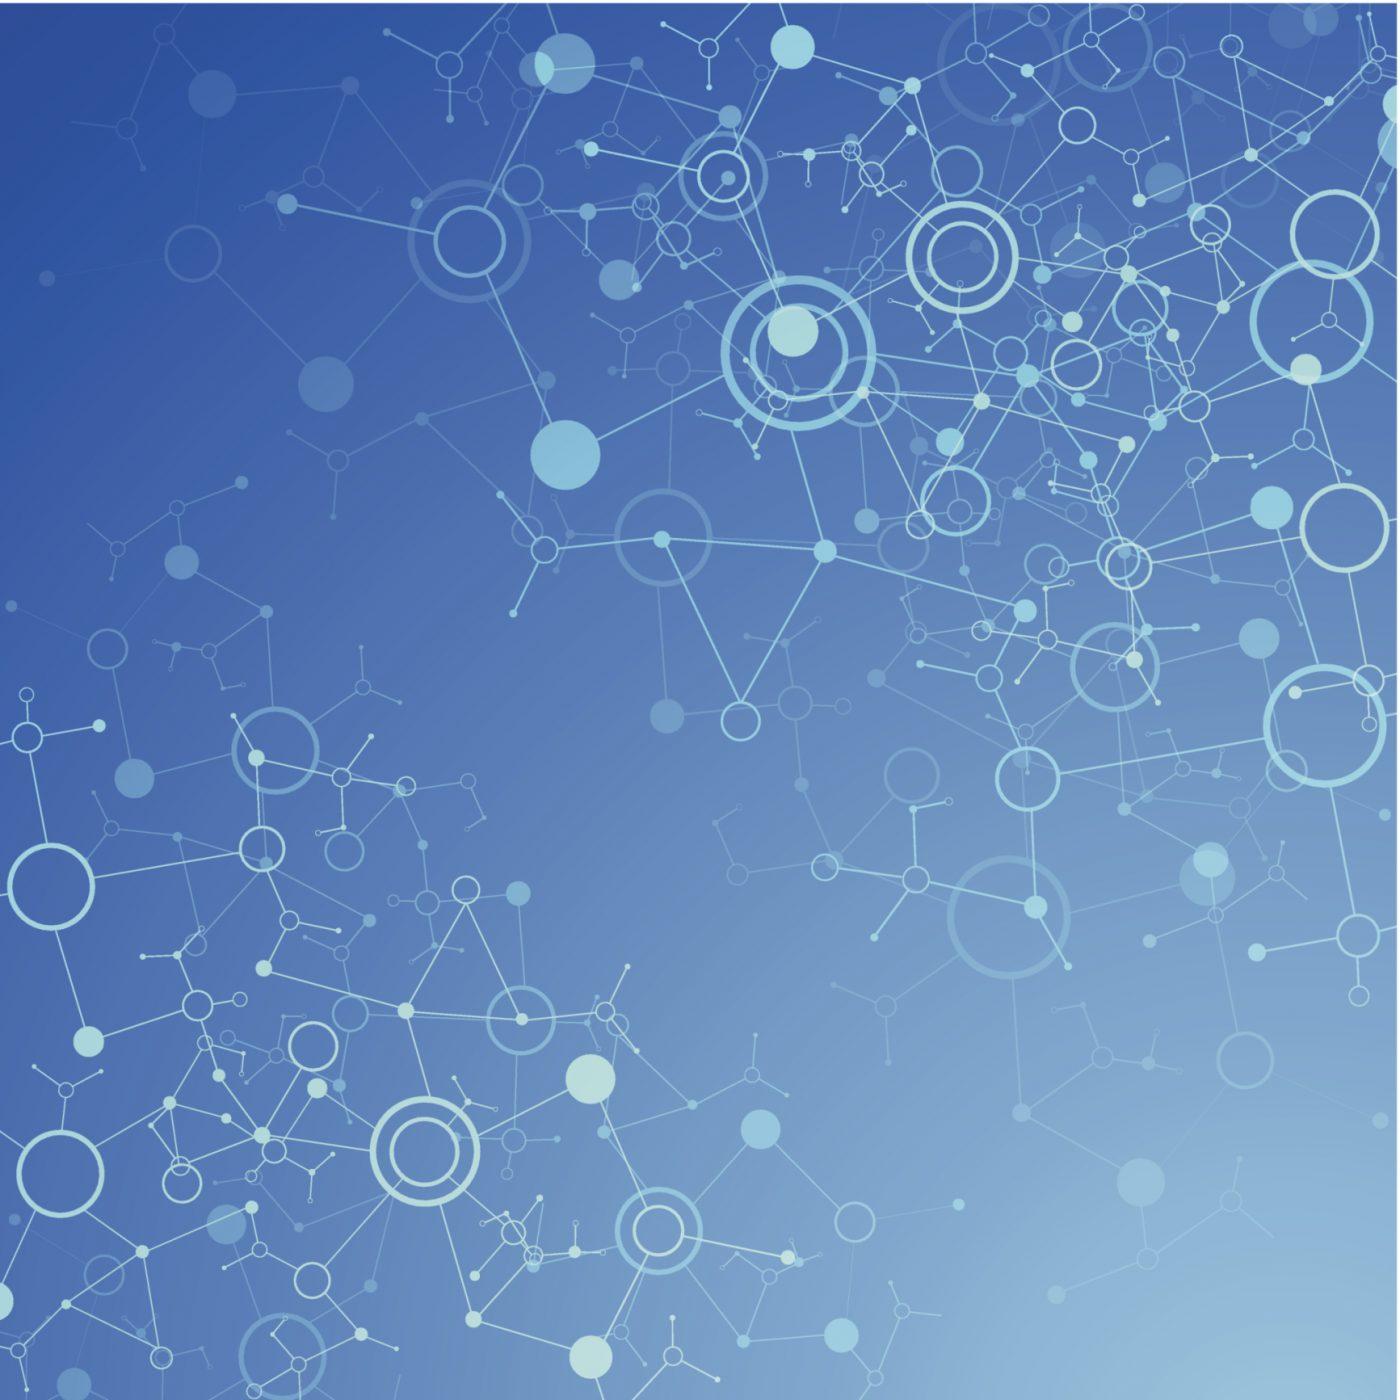 ICANN-Blog-9.14.15